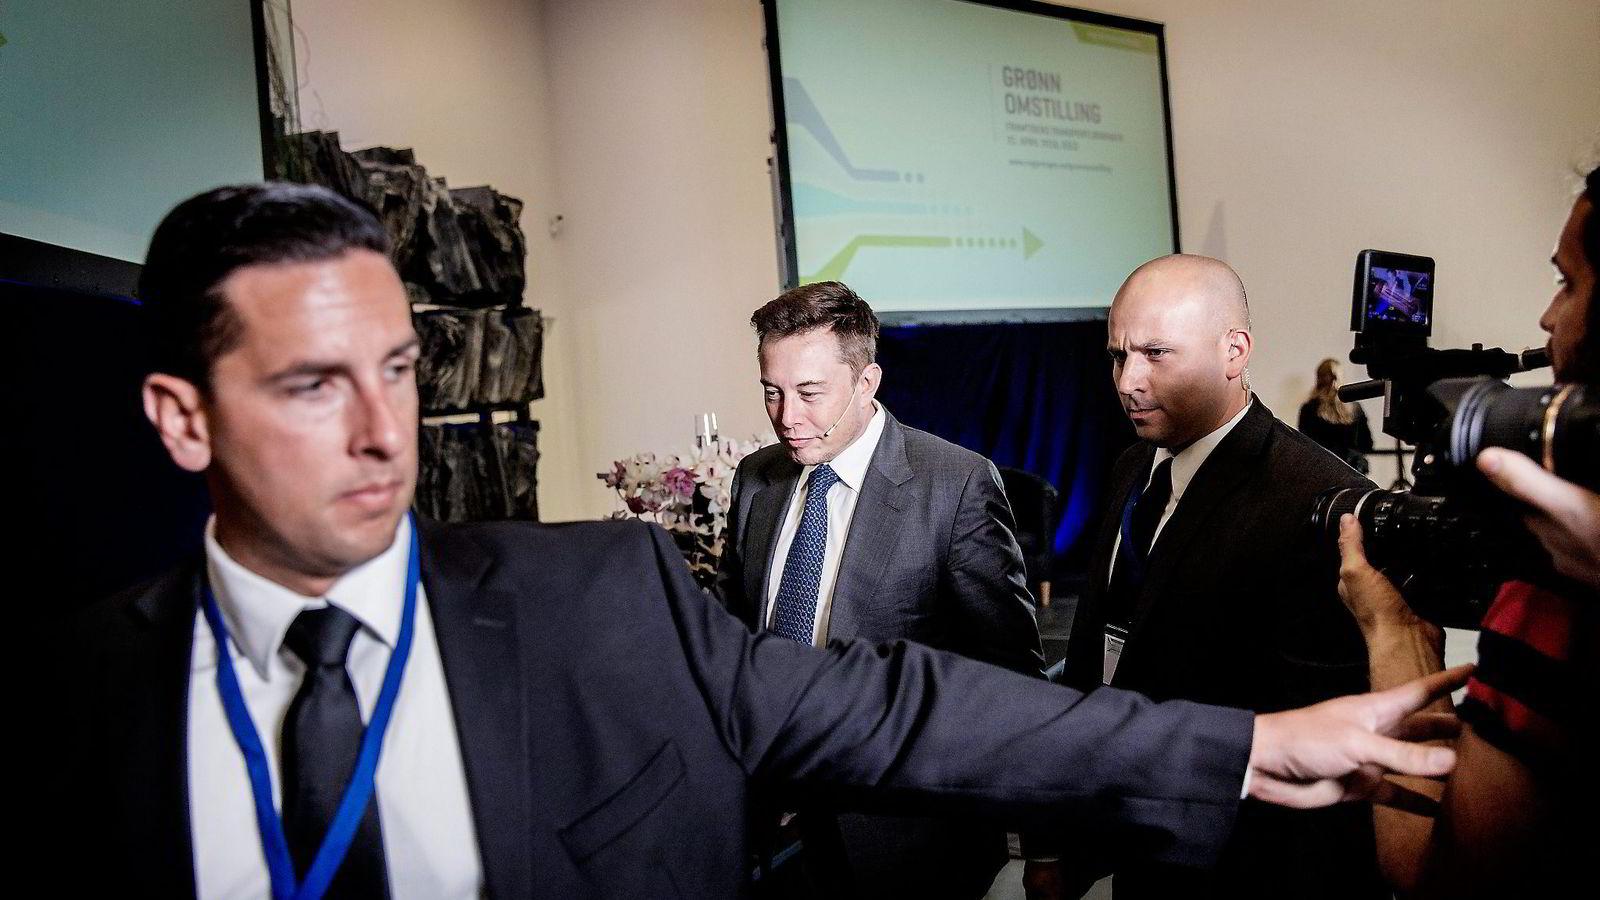 Omringet av fem strenge dresskledde menn forlot Tesla-sjef Elon Musk (i midten) podiet etter å ha takket norske politikere og kunder for hjelpen med å utvikle elbiler. Alle foto: Fredrik Bjerknes